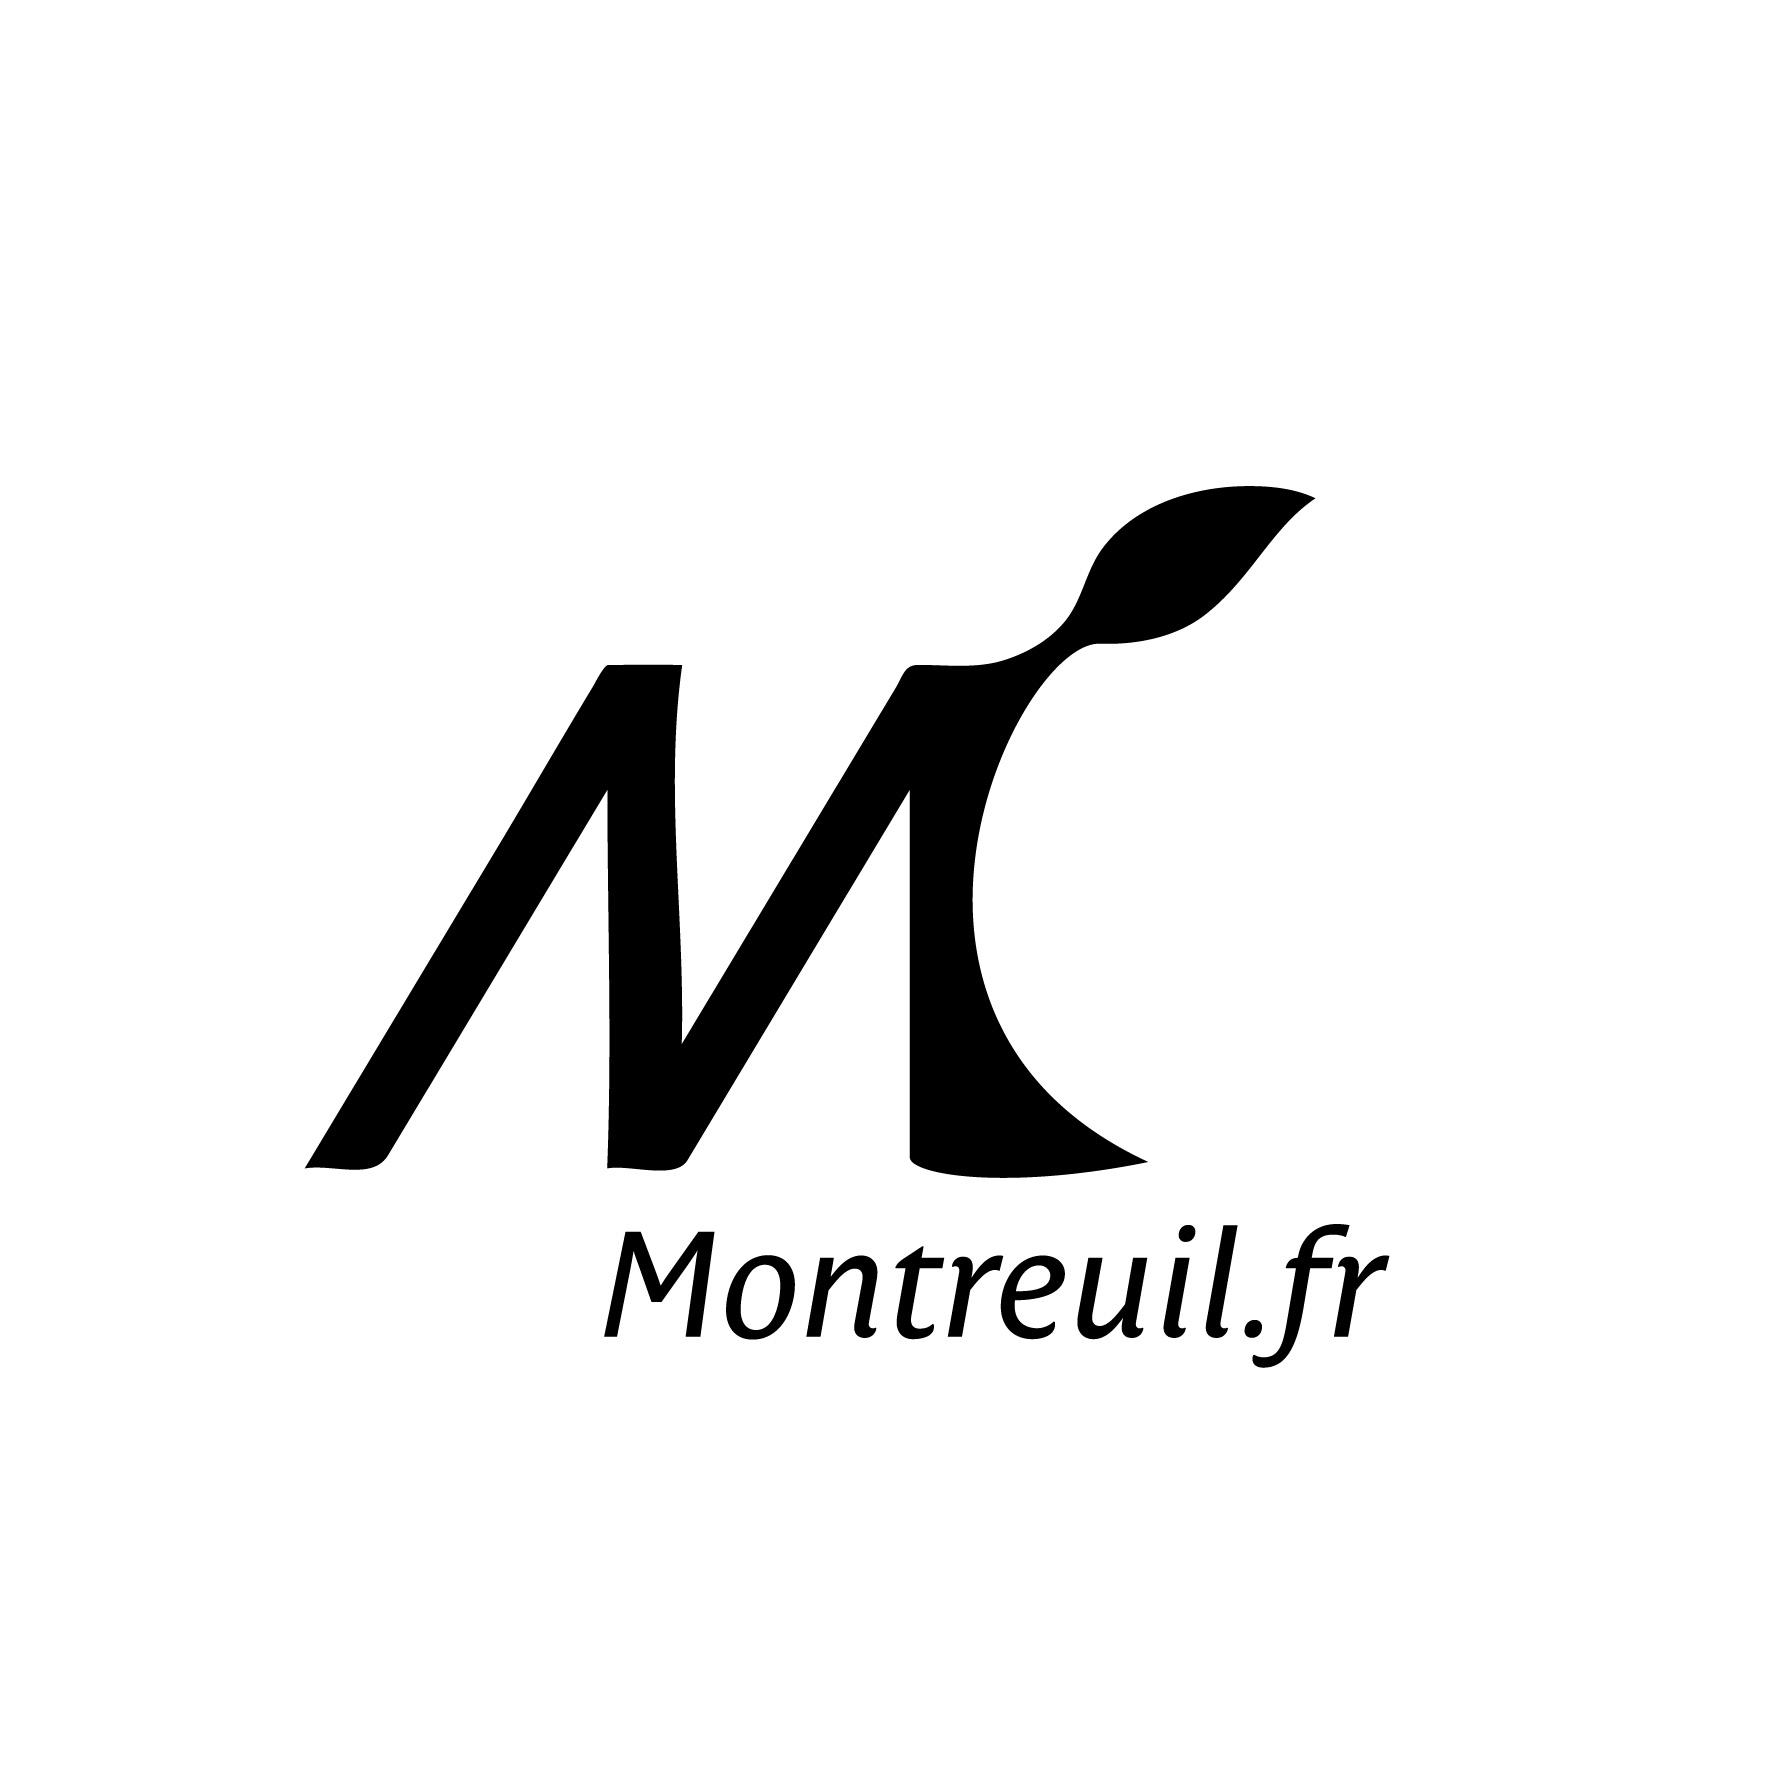 rencontre noir Montreuil